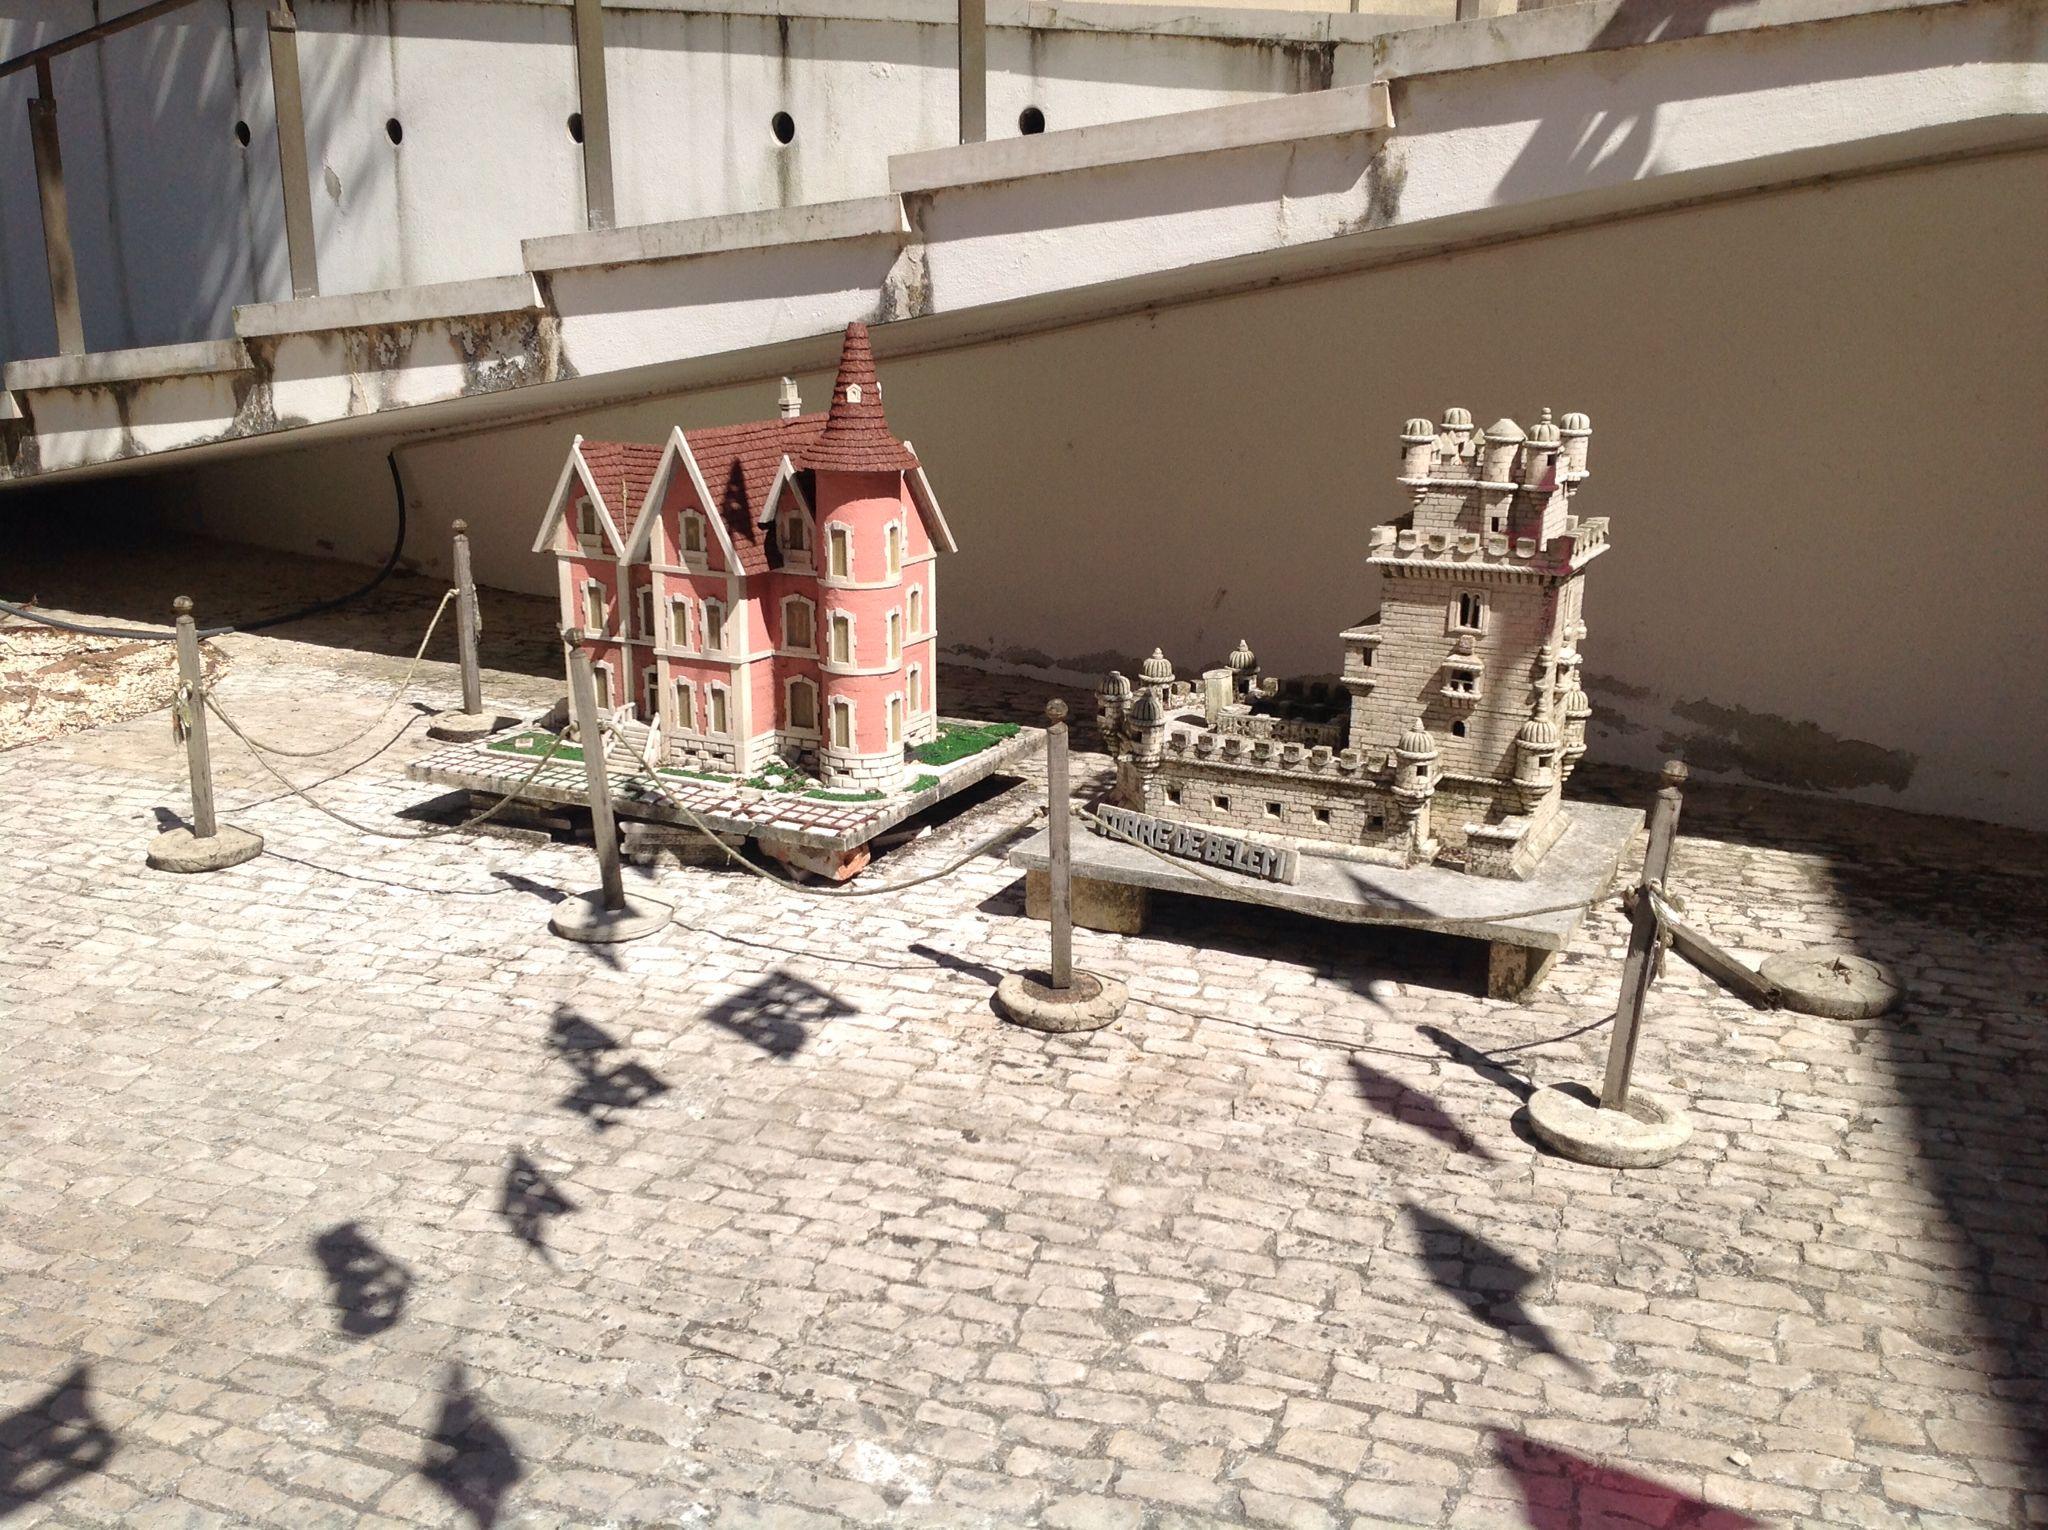 Edifício cor de rosa réplica da Câmara  de Alcobaça e réplica da Torre de Belém.